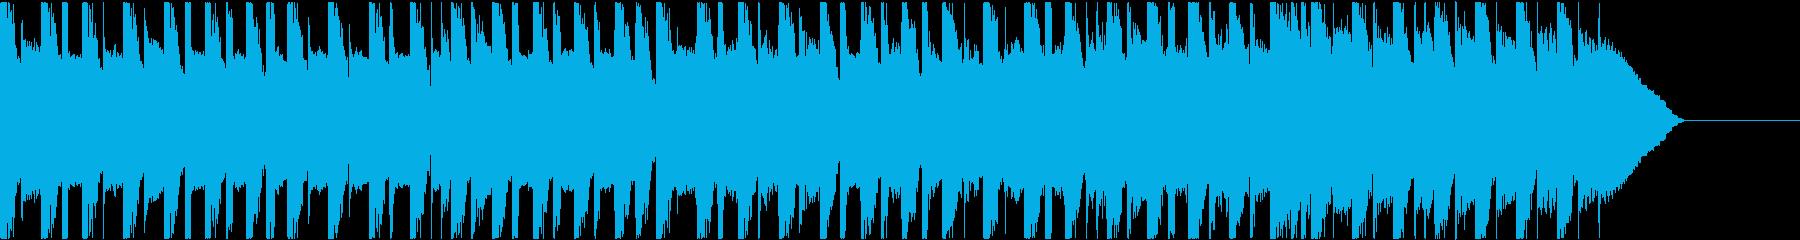 楽しいポップジングル、シンキングタイムの再生済みの波形